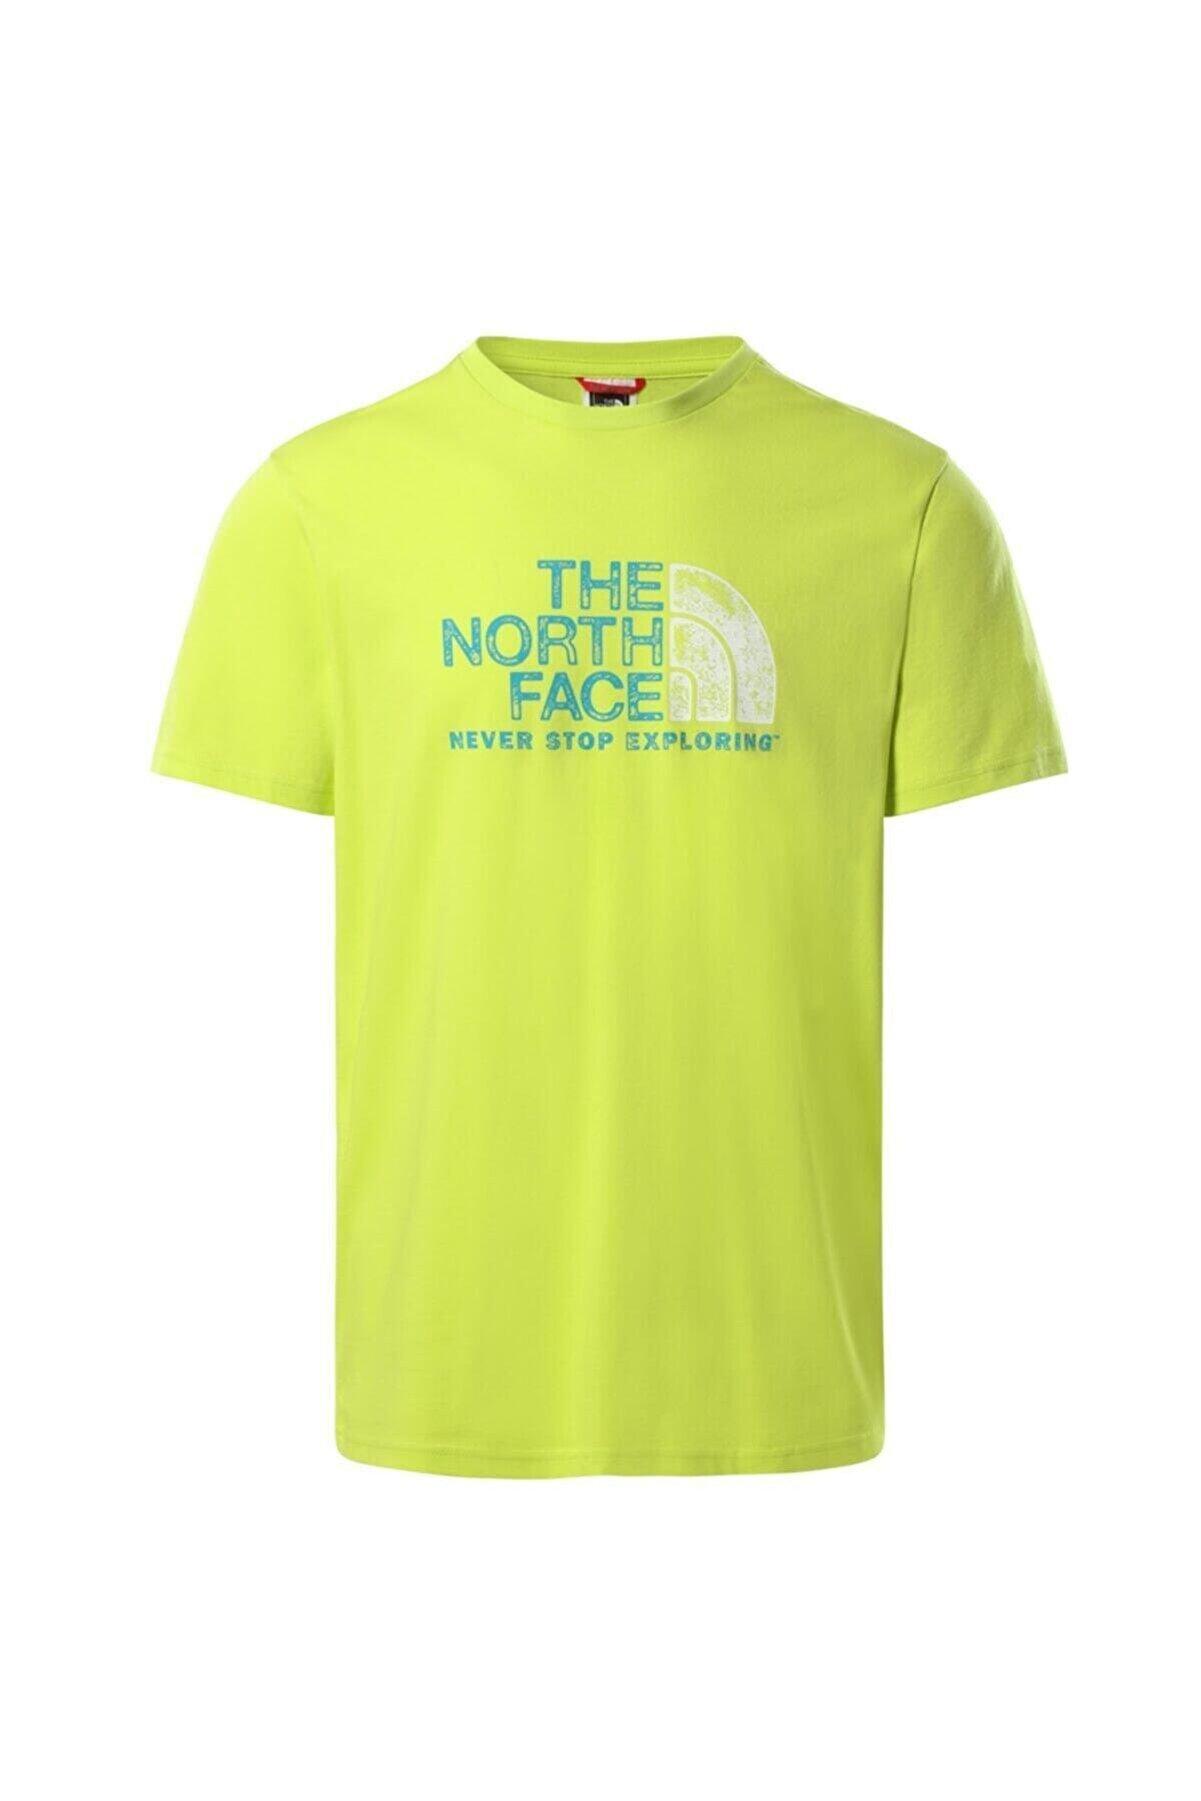 The North Face Rust 2 Erkek Tişört Yeşil